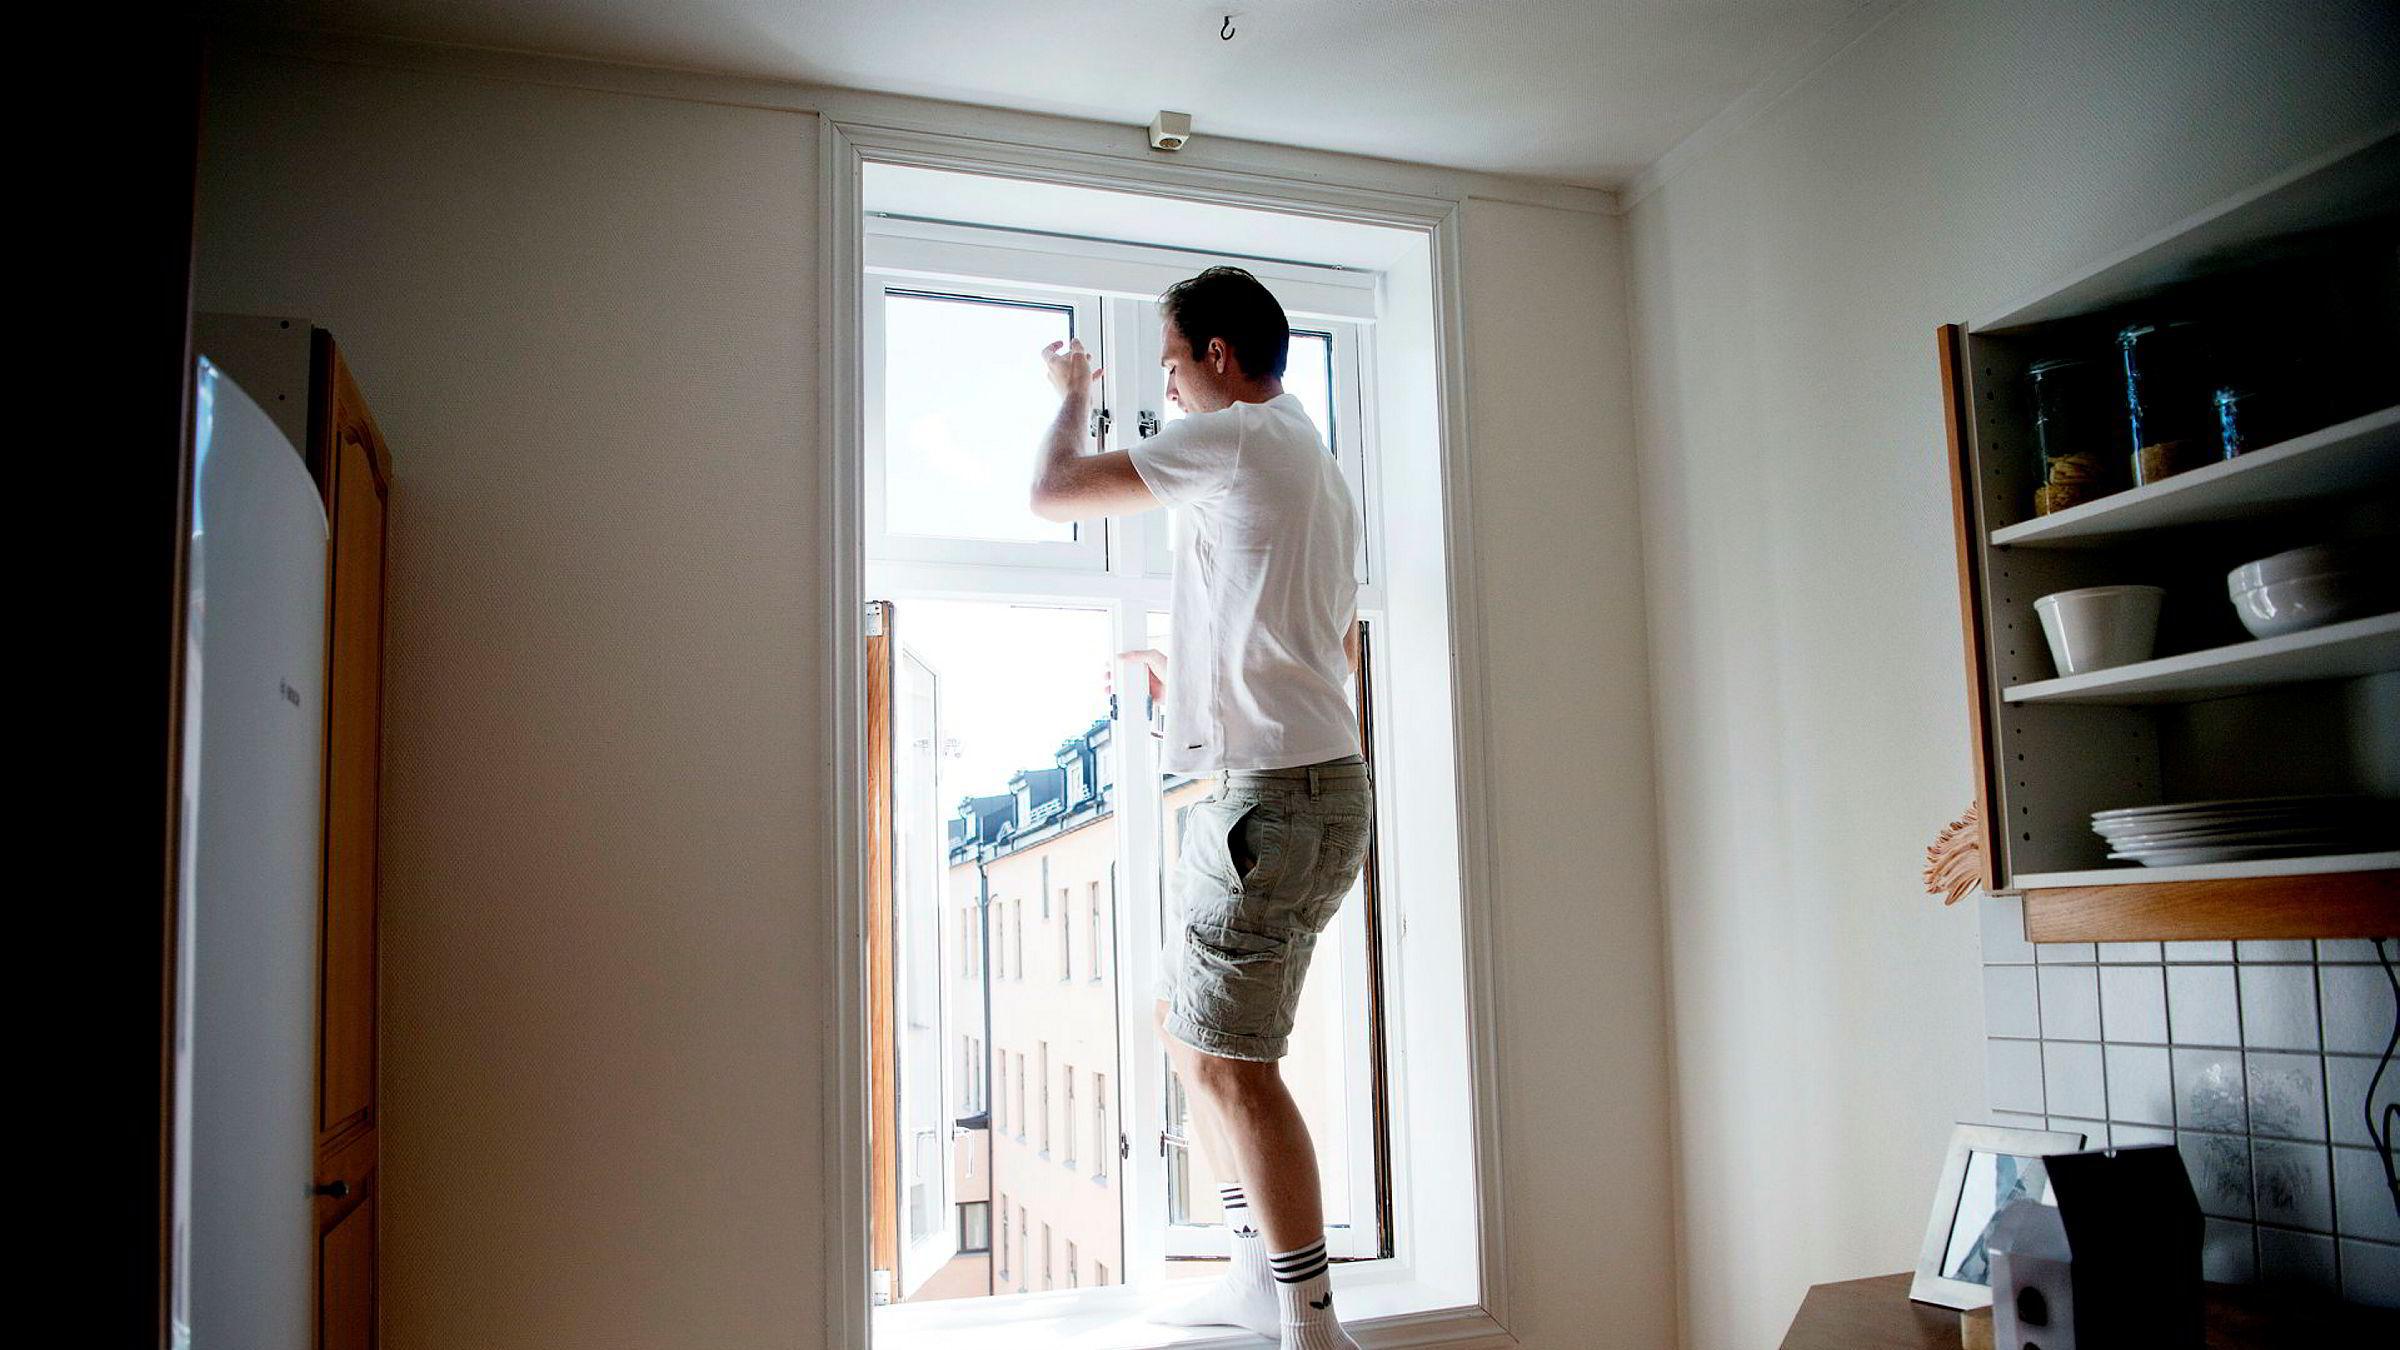 Nils Andreas Schive (29) installerer seg i nykjøpt leilighet på Grünerløkka i Oslo, men får ikke solgt sin gamle leilighet på Frogner.